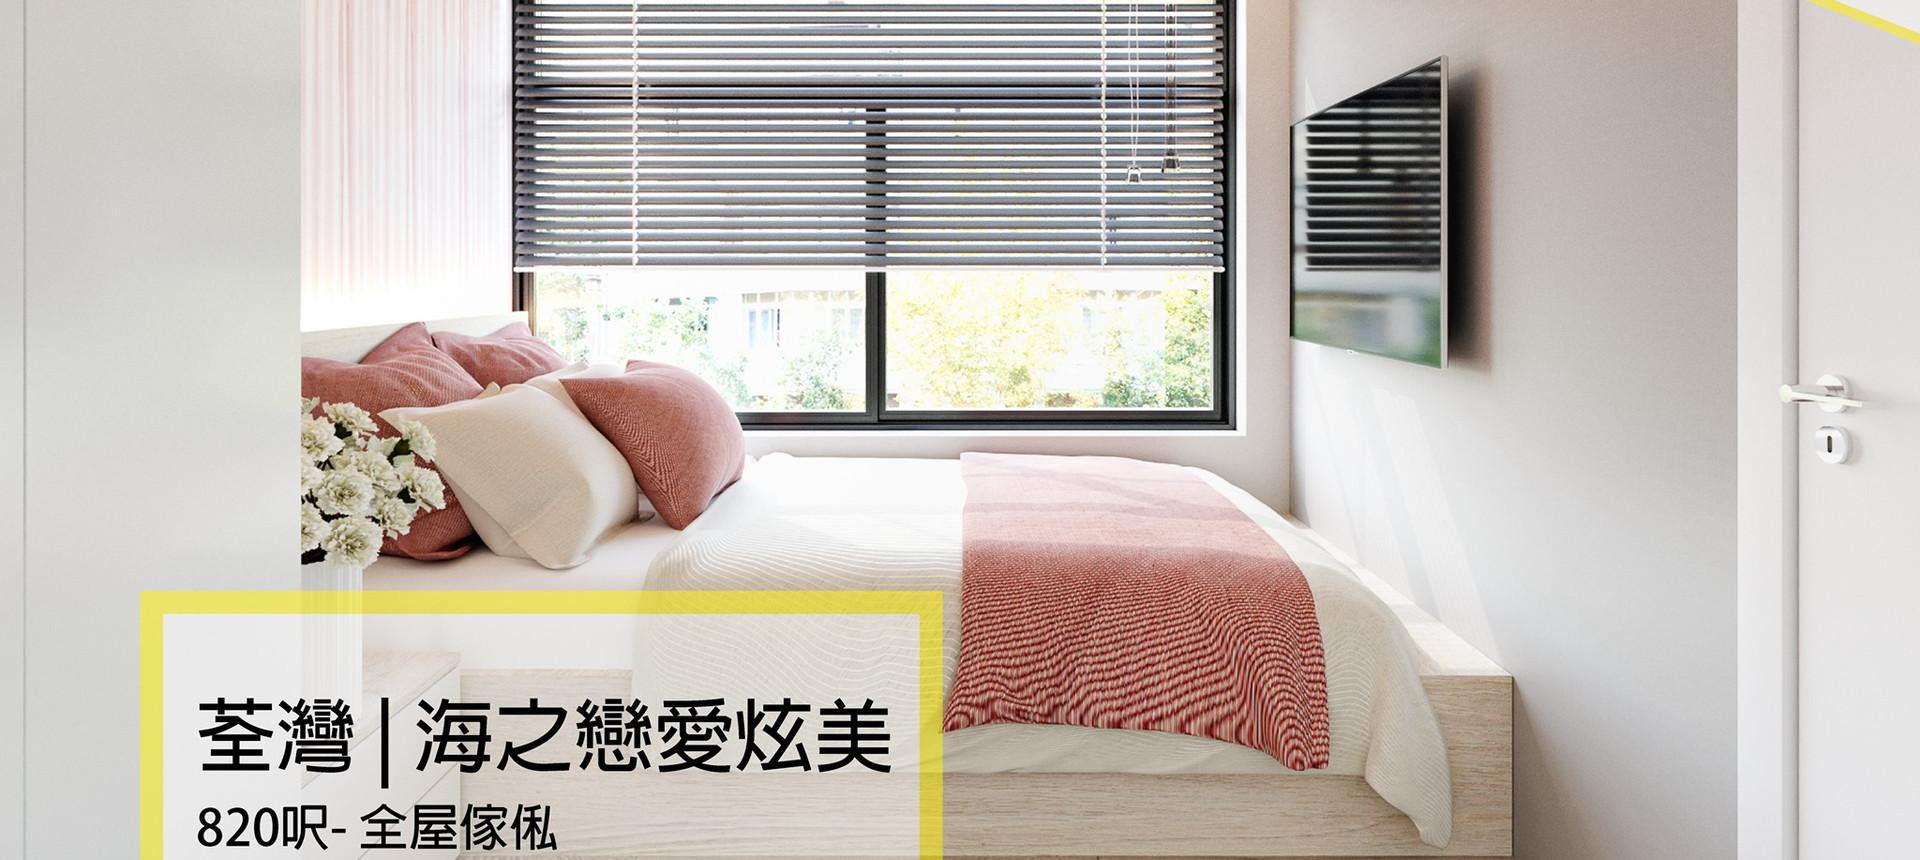 荃灣 海之戀愛炫美03.jpg